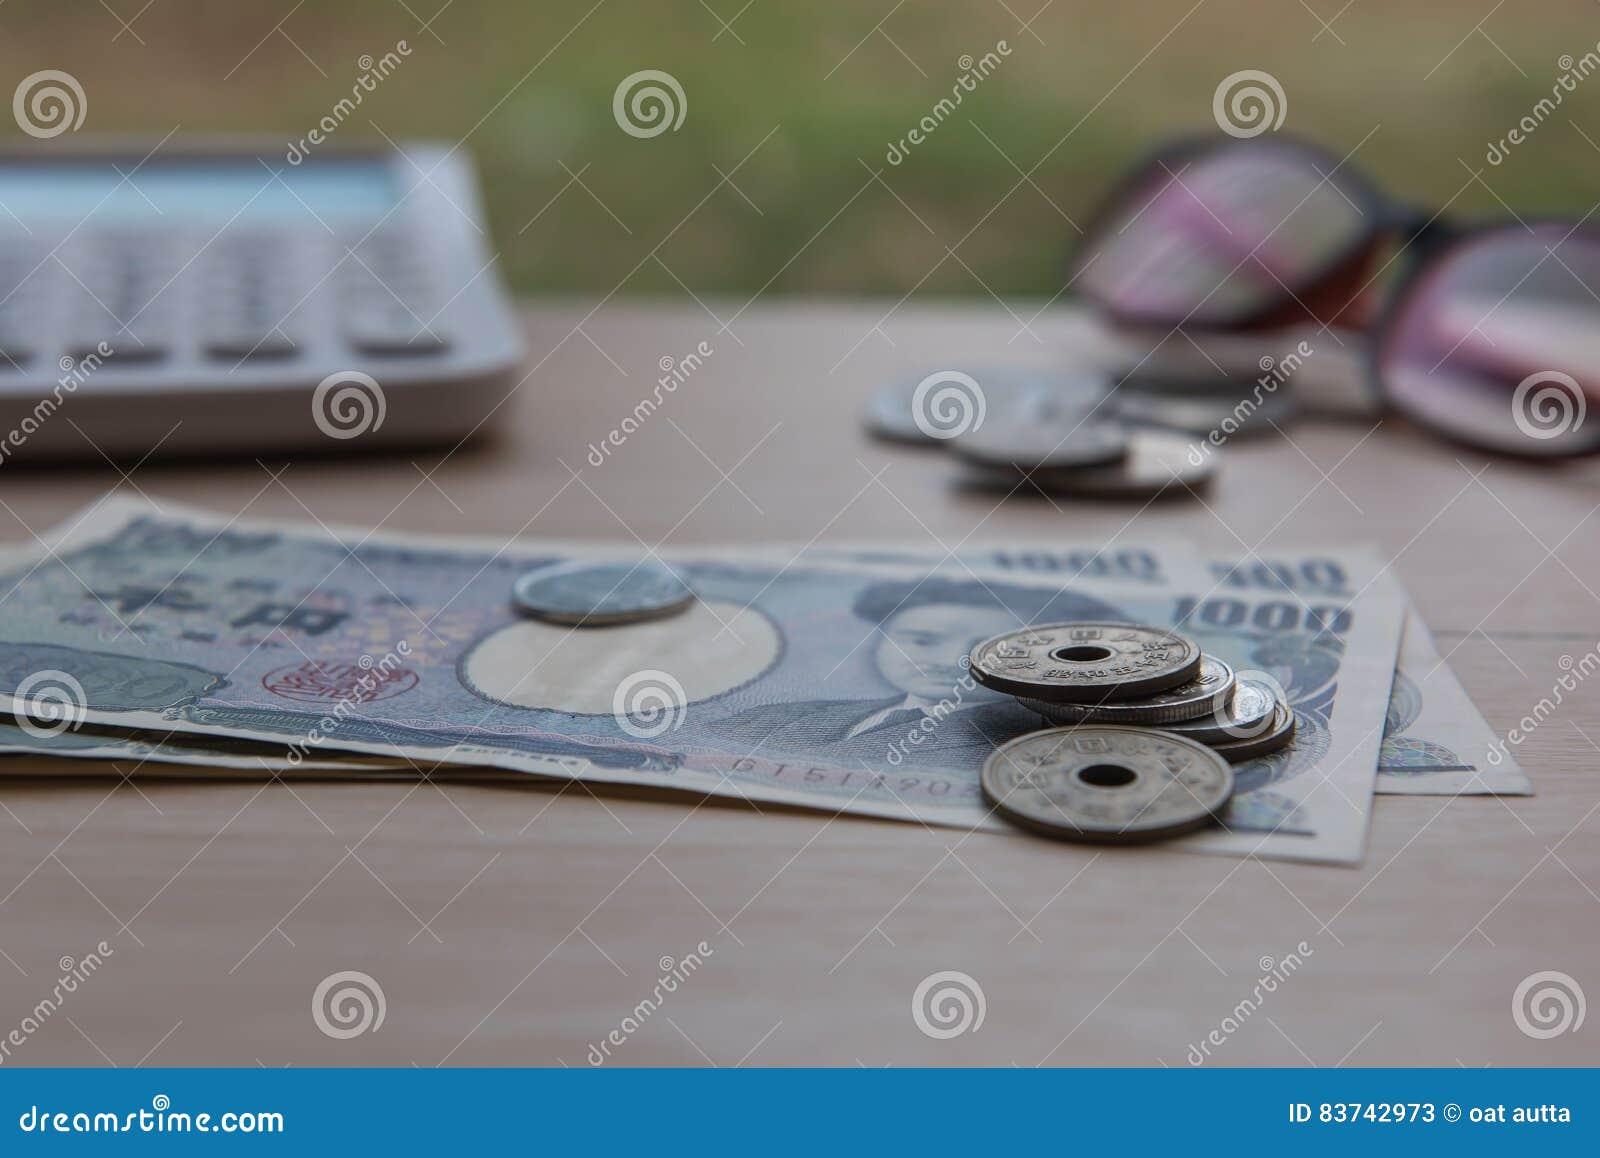 Nahaufnahmemünzenyen Und Banknoten Japaner Und Taschenrechner Auf